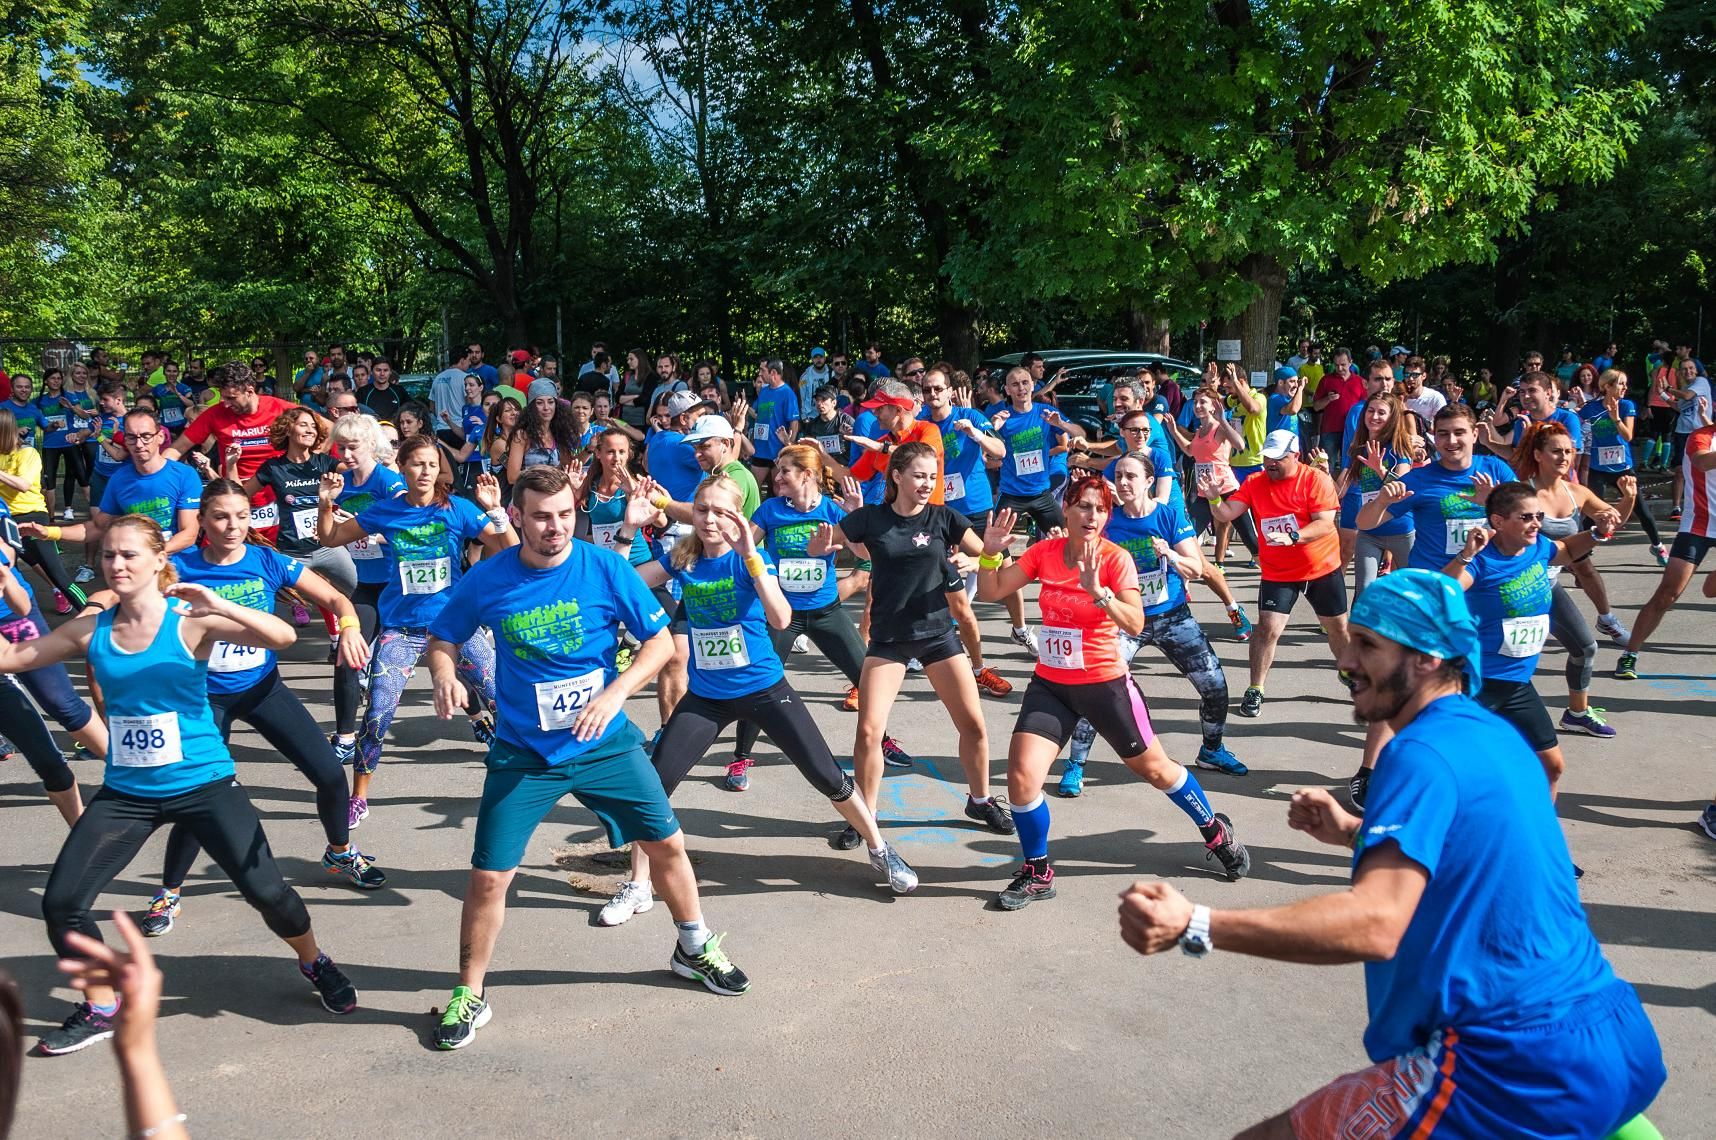 Dăm startul libertății de mișcare în natură la Bucharest FOX TRAIL Half Marathon – 28 august 2016, Pădurea Băneasa! 32 de curse pe trasee variate și multe surprize la cea a 4-a ediție a crosului